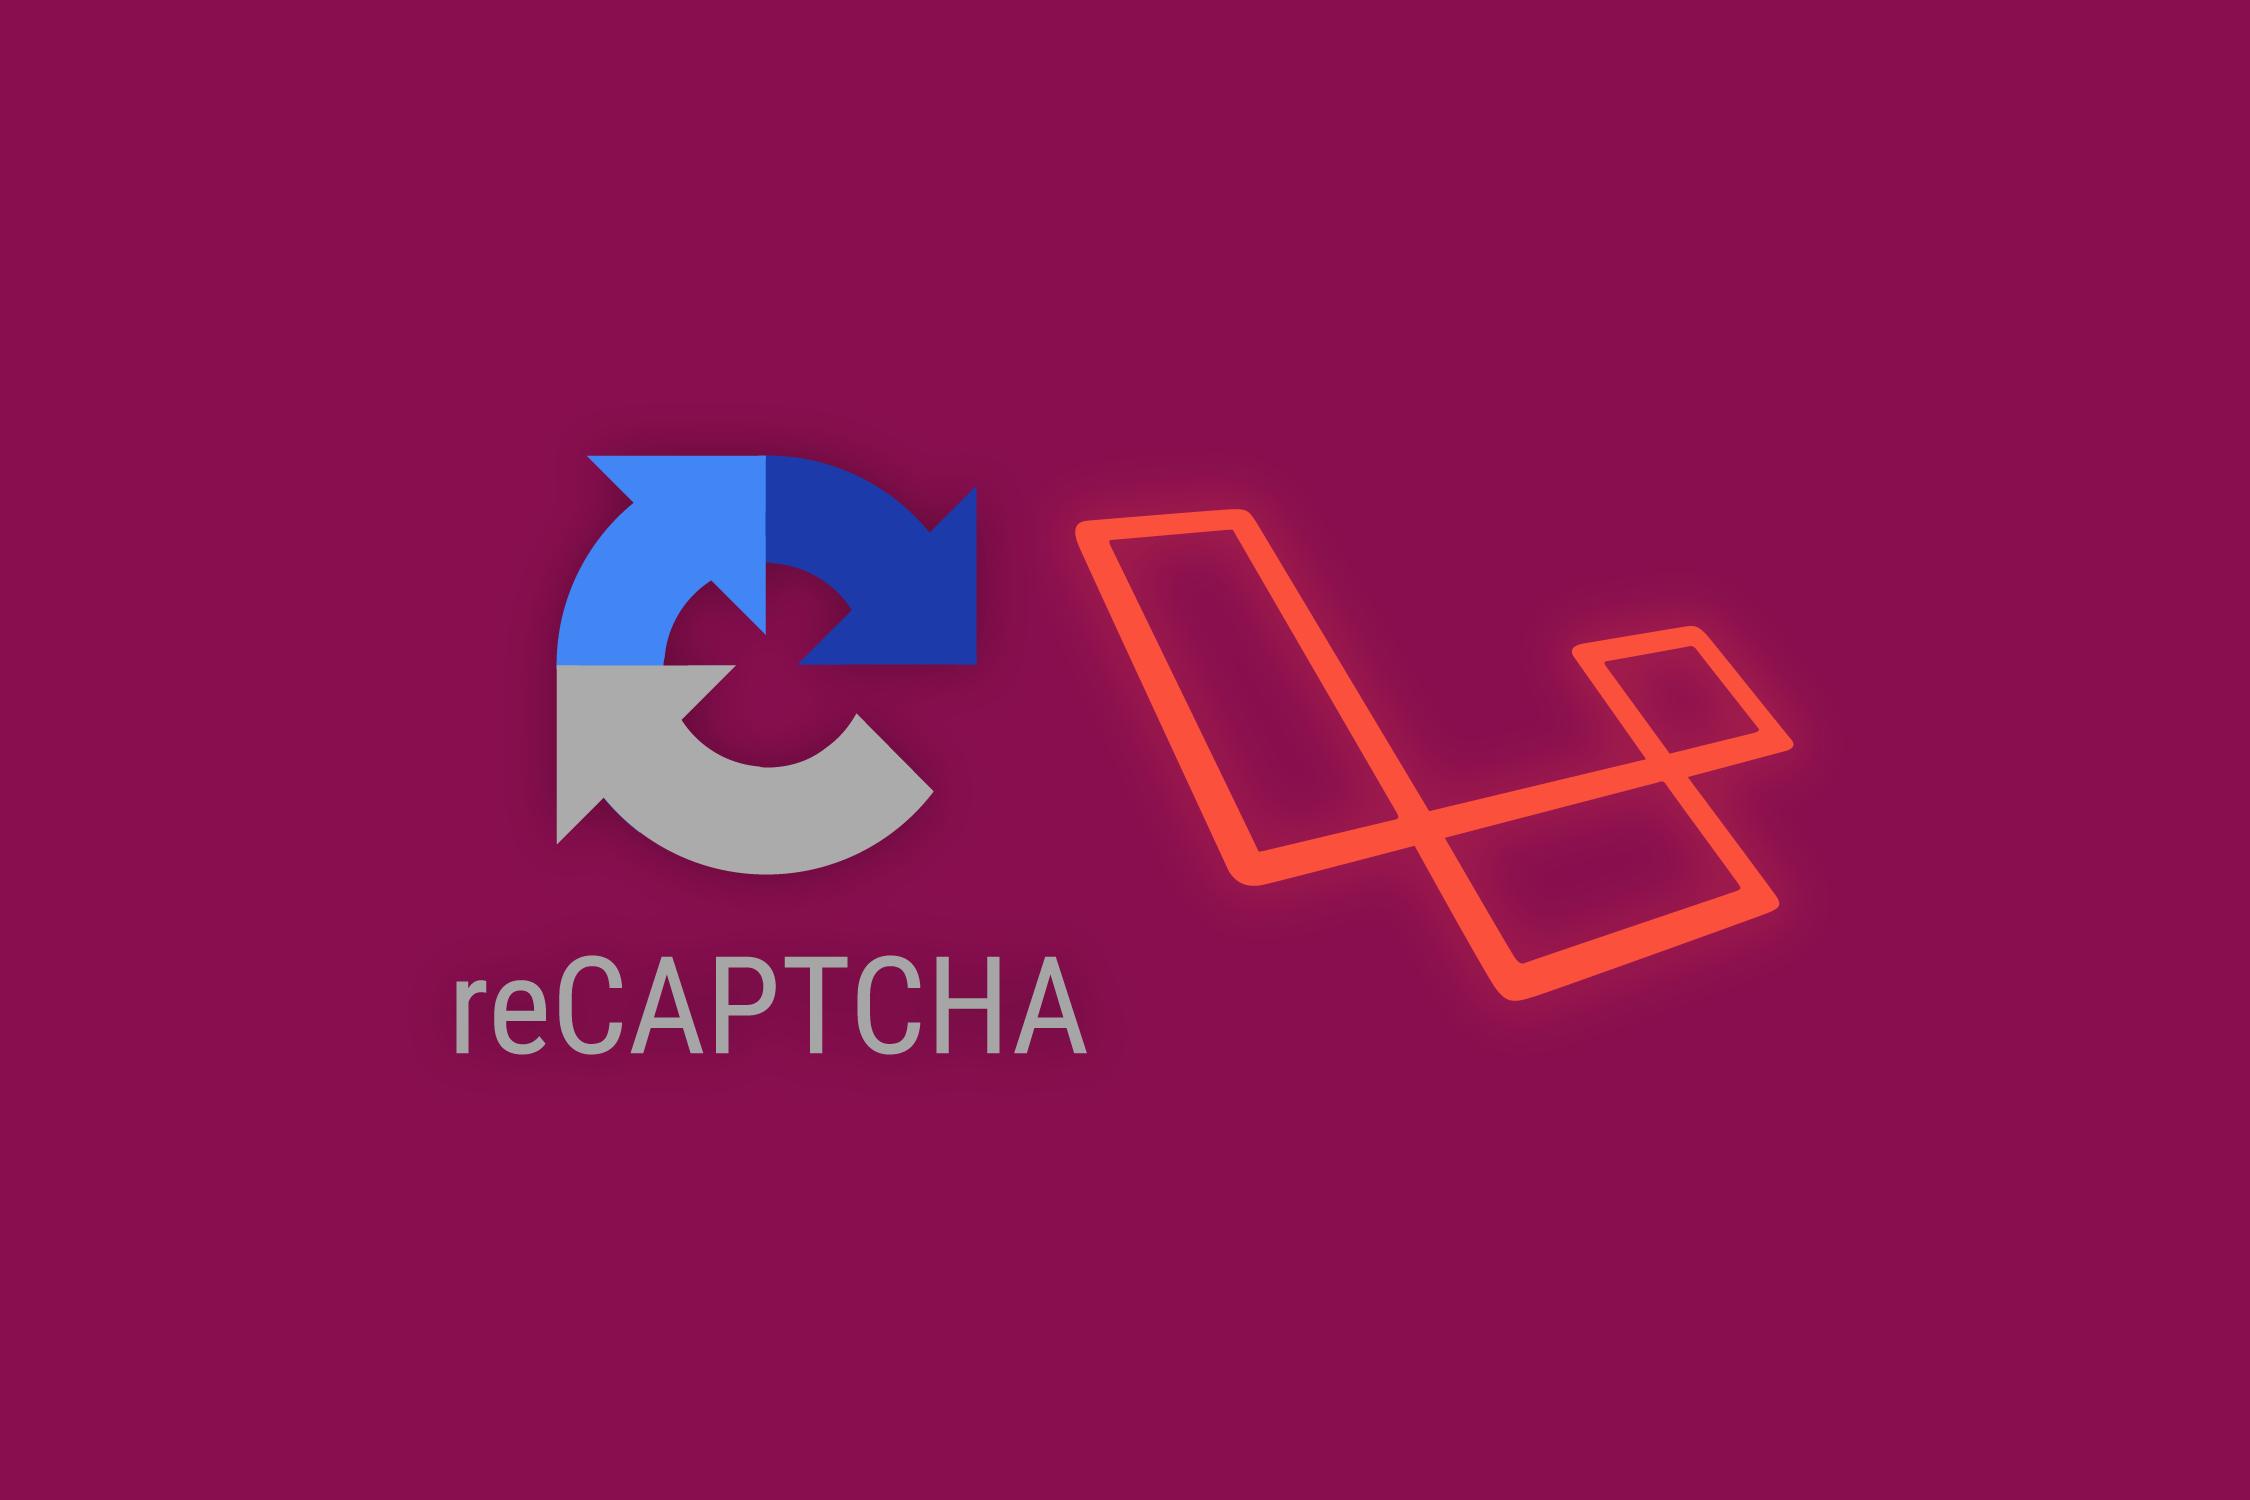 آموزش استفاده از Google Recaptcha در بخش ثبت نام لاراول